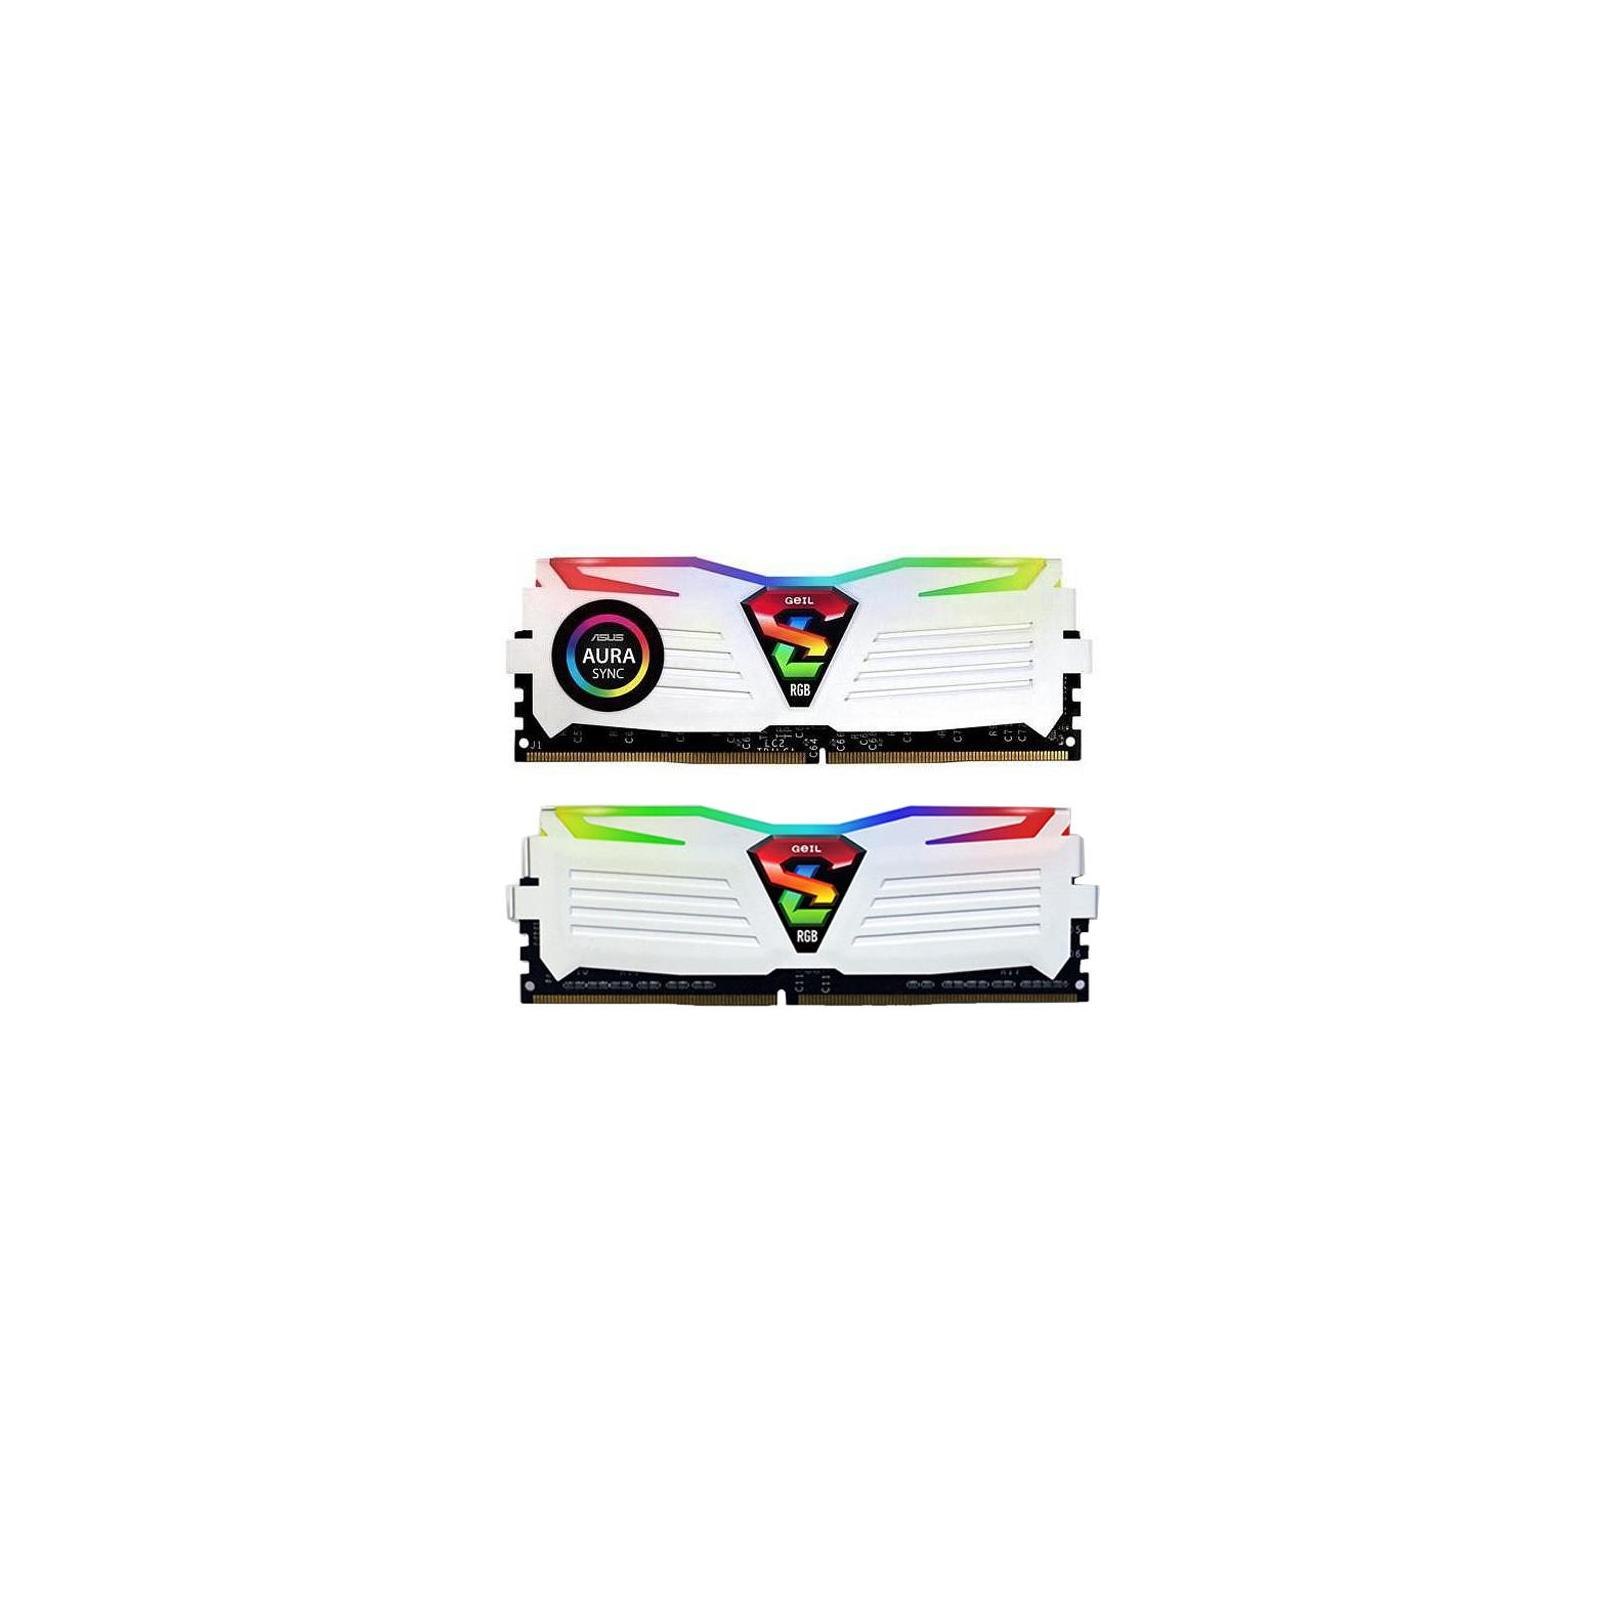 Модуль памяти для компьютера DDR4 16GB (2x8GB) 3200 MHz Super Luce White RGB Sync LED Geil (GLWS416GB3200C16ADC)